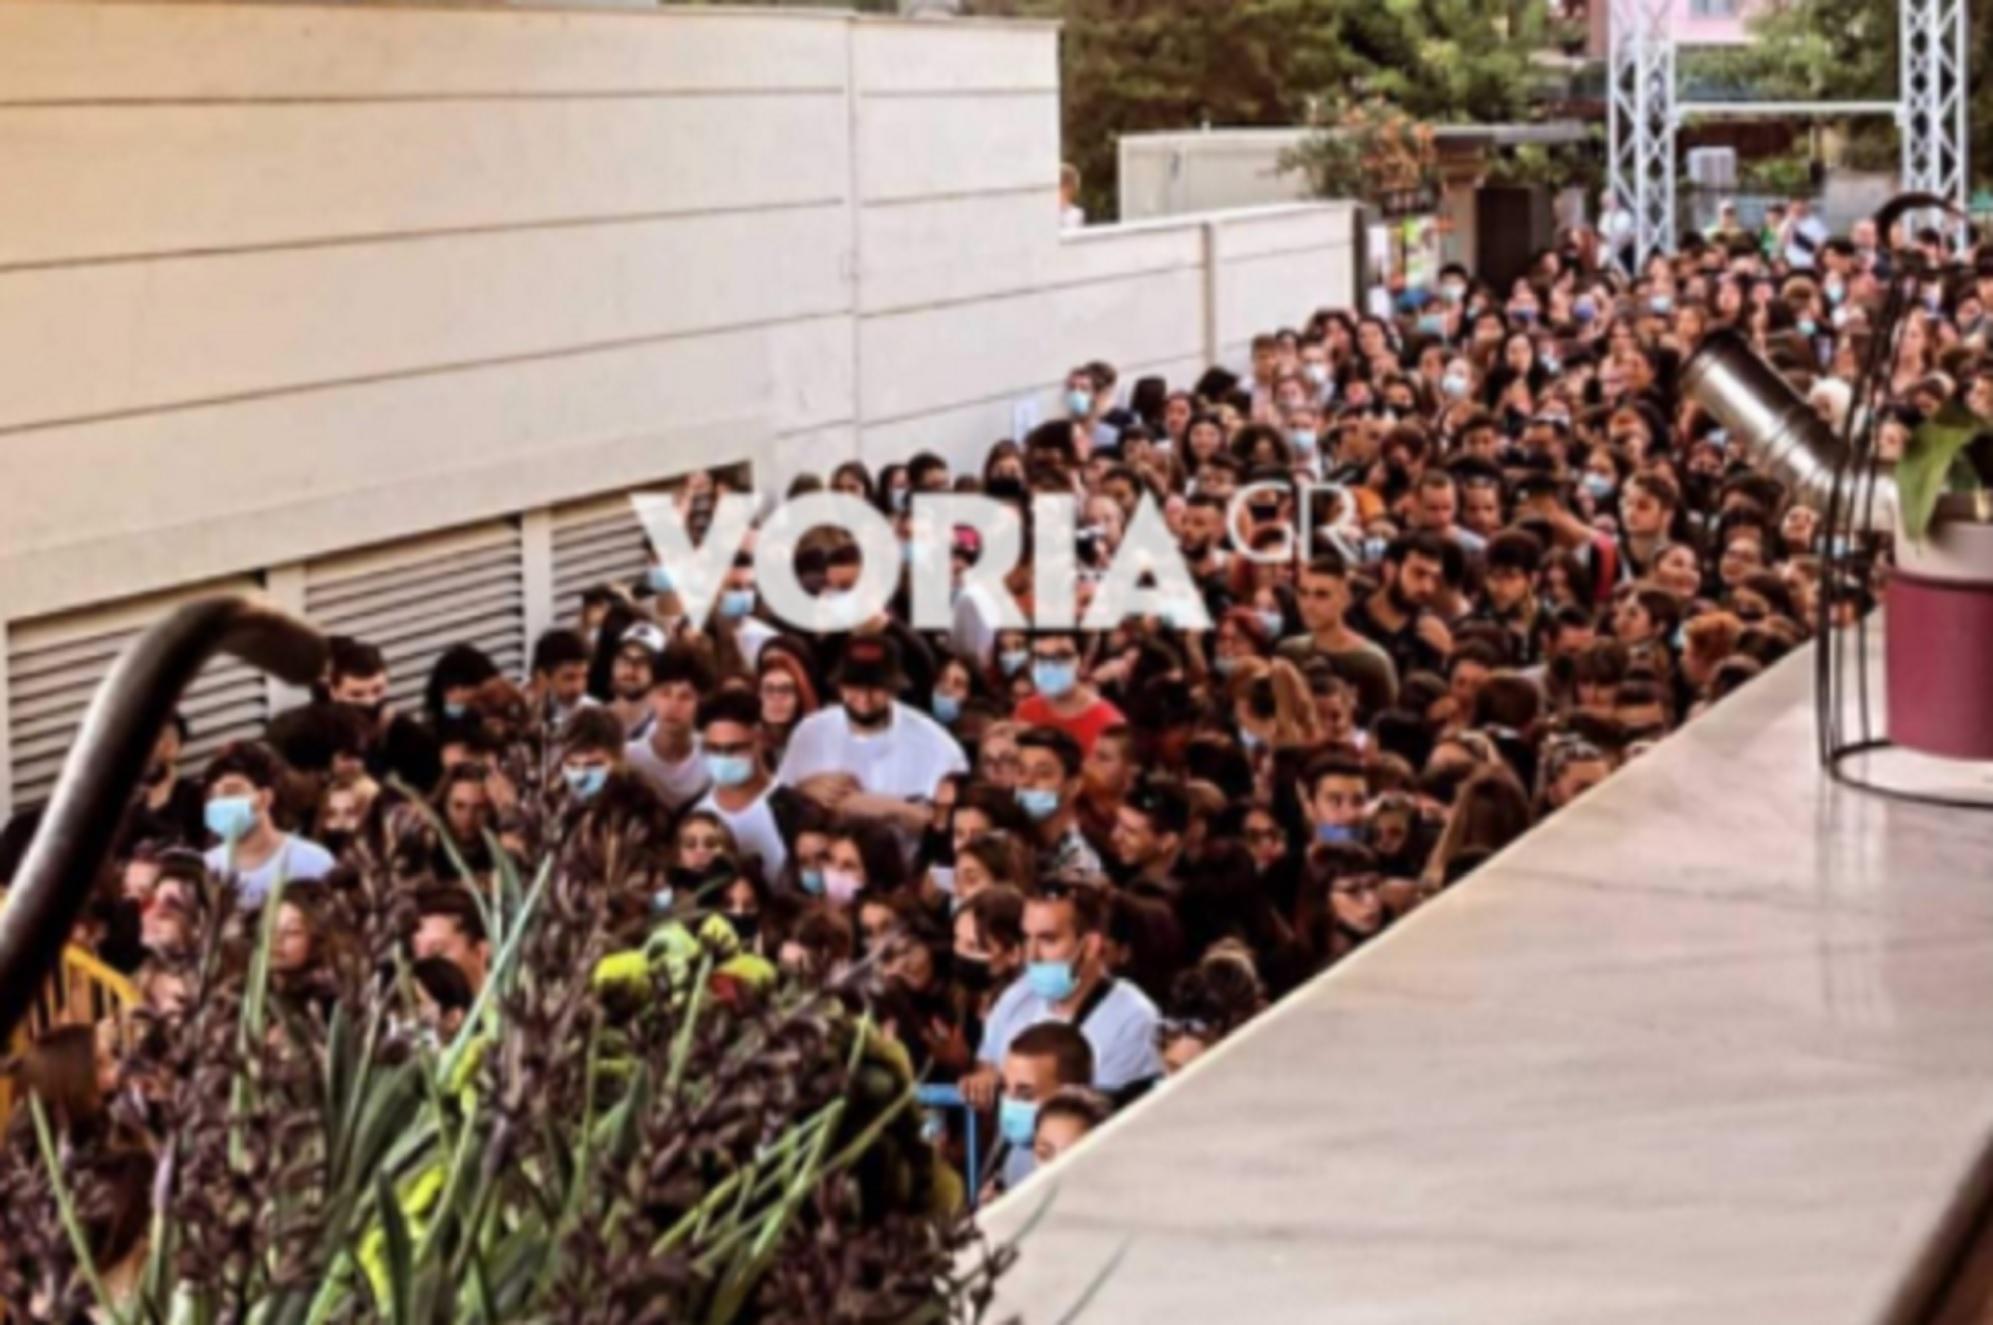 Θεσσαλονίκη: Απίστευτος συνωστισμός σε συναυλία γνωστού hip hop συγκροτήματος